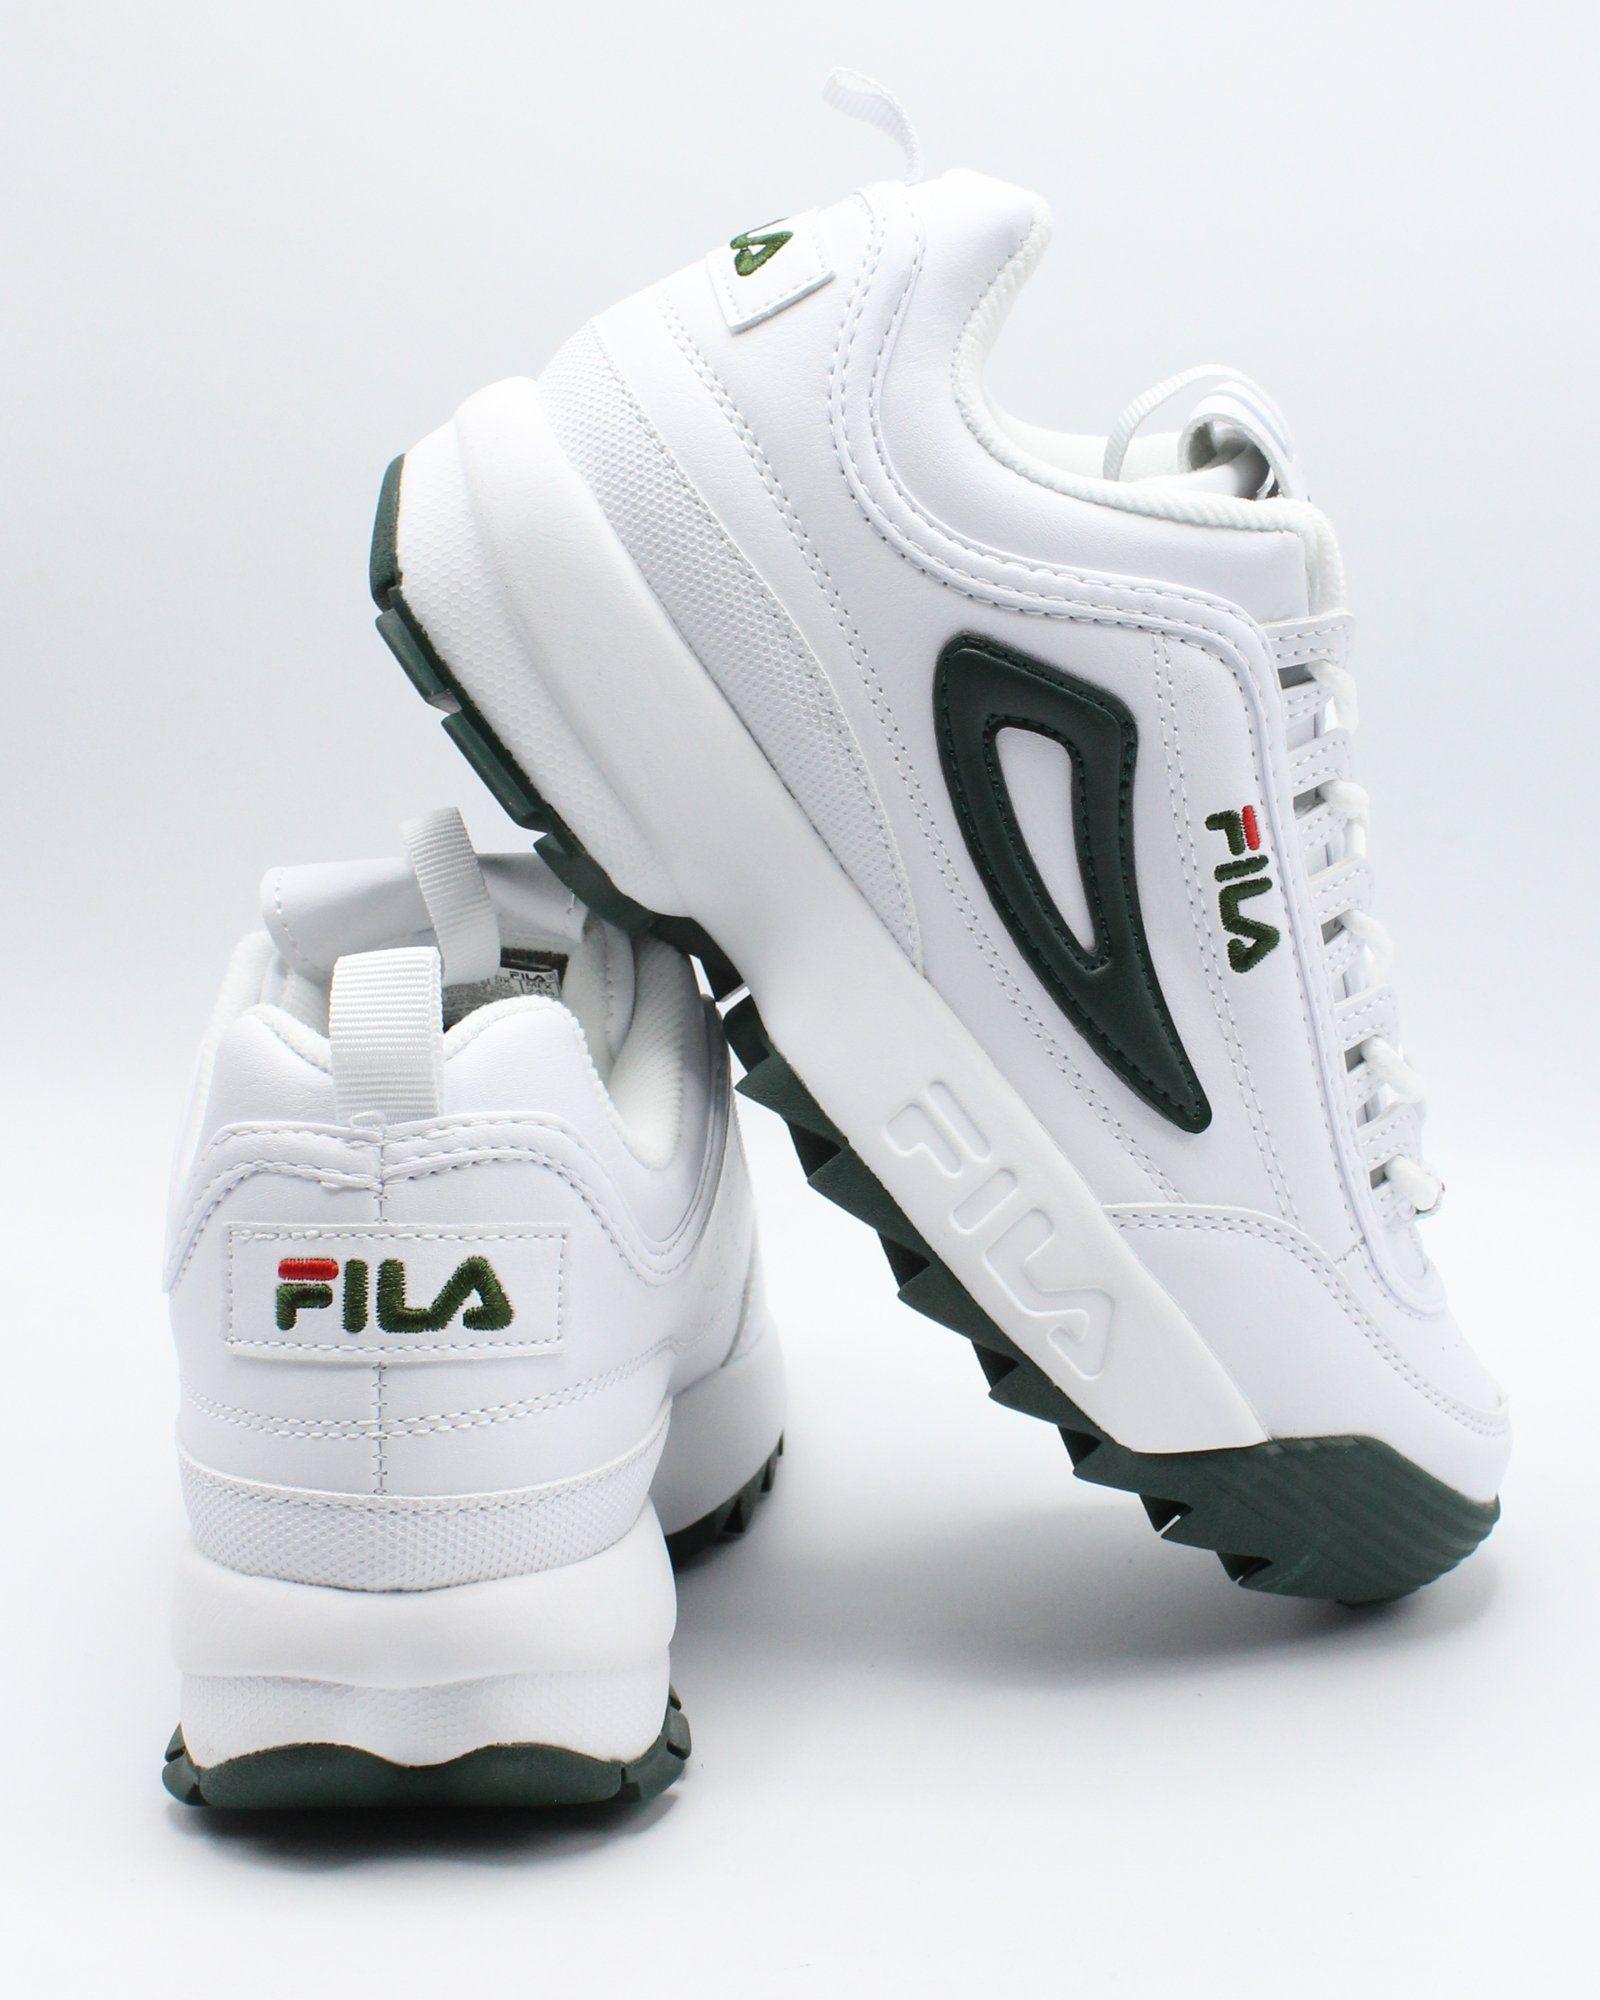 fila grade school zapatillas ebay b73a0